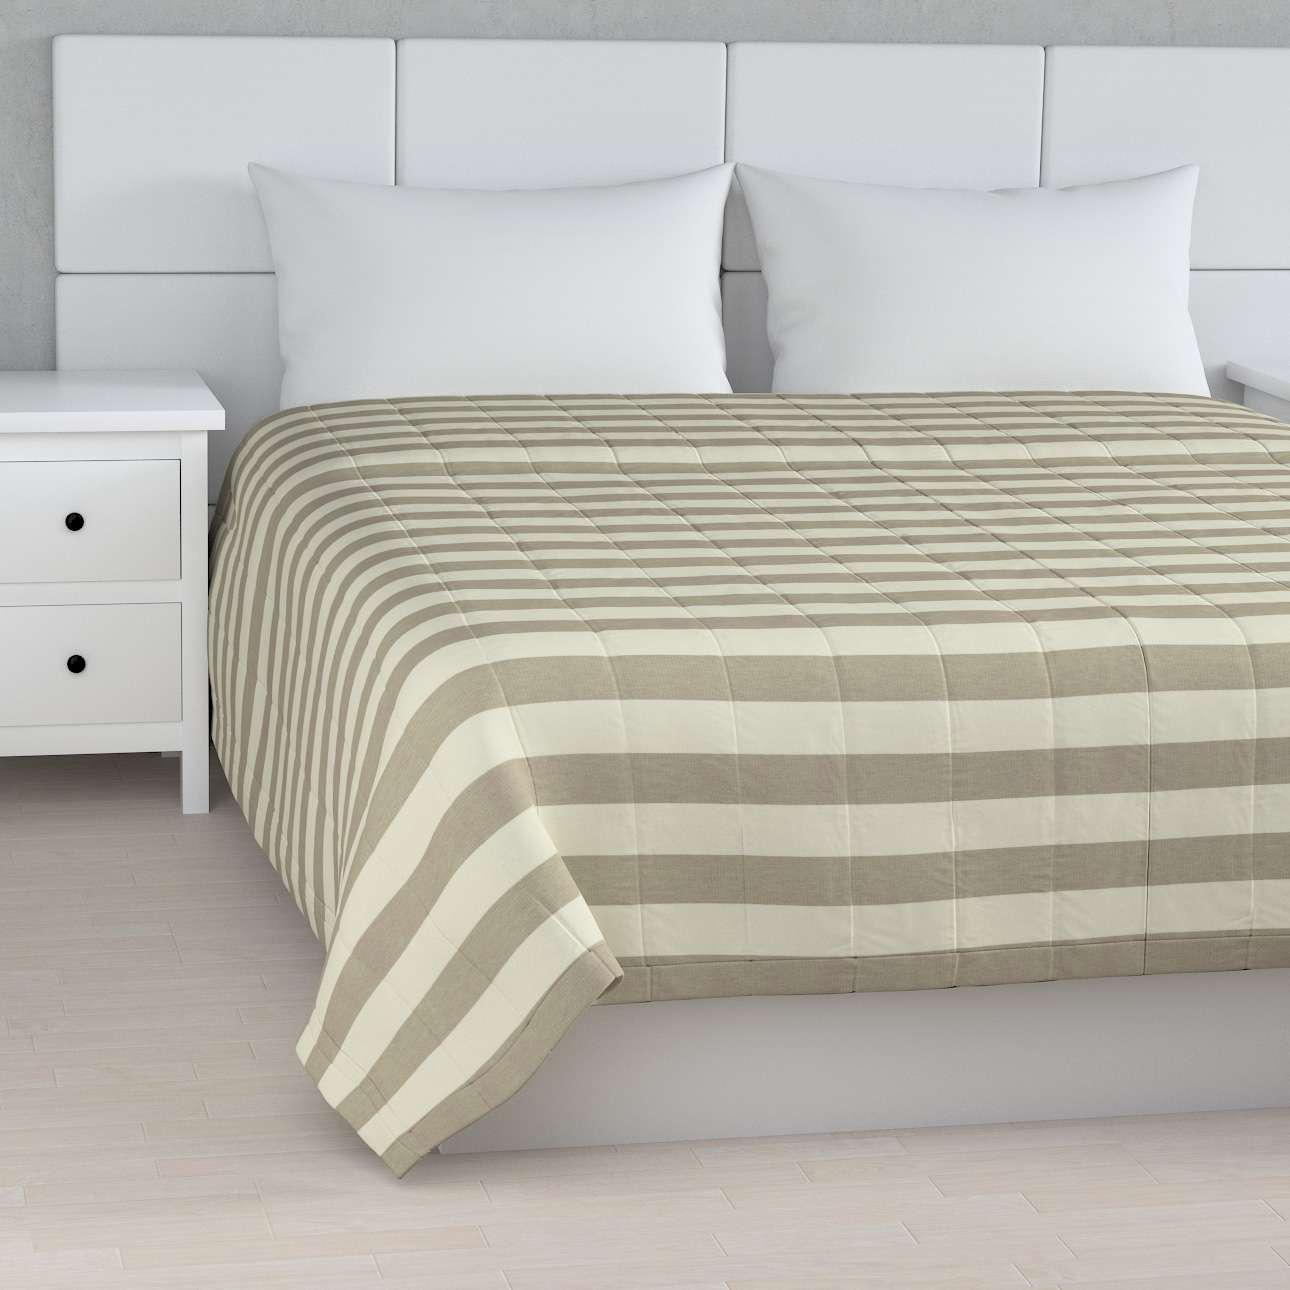 Tagesdecke mit Streifen-Steppung von der Kollektion Quadro, Stoff: 142-73